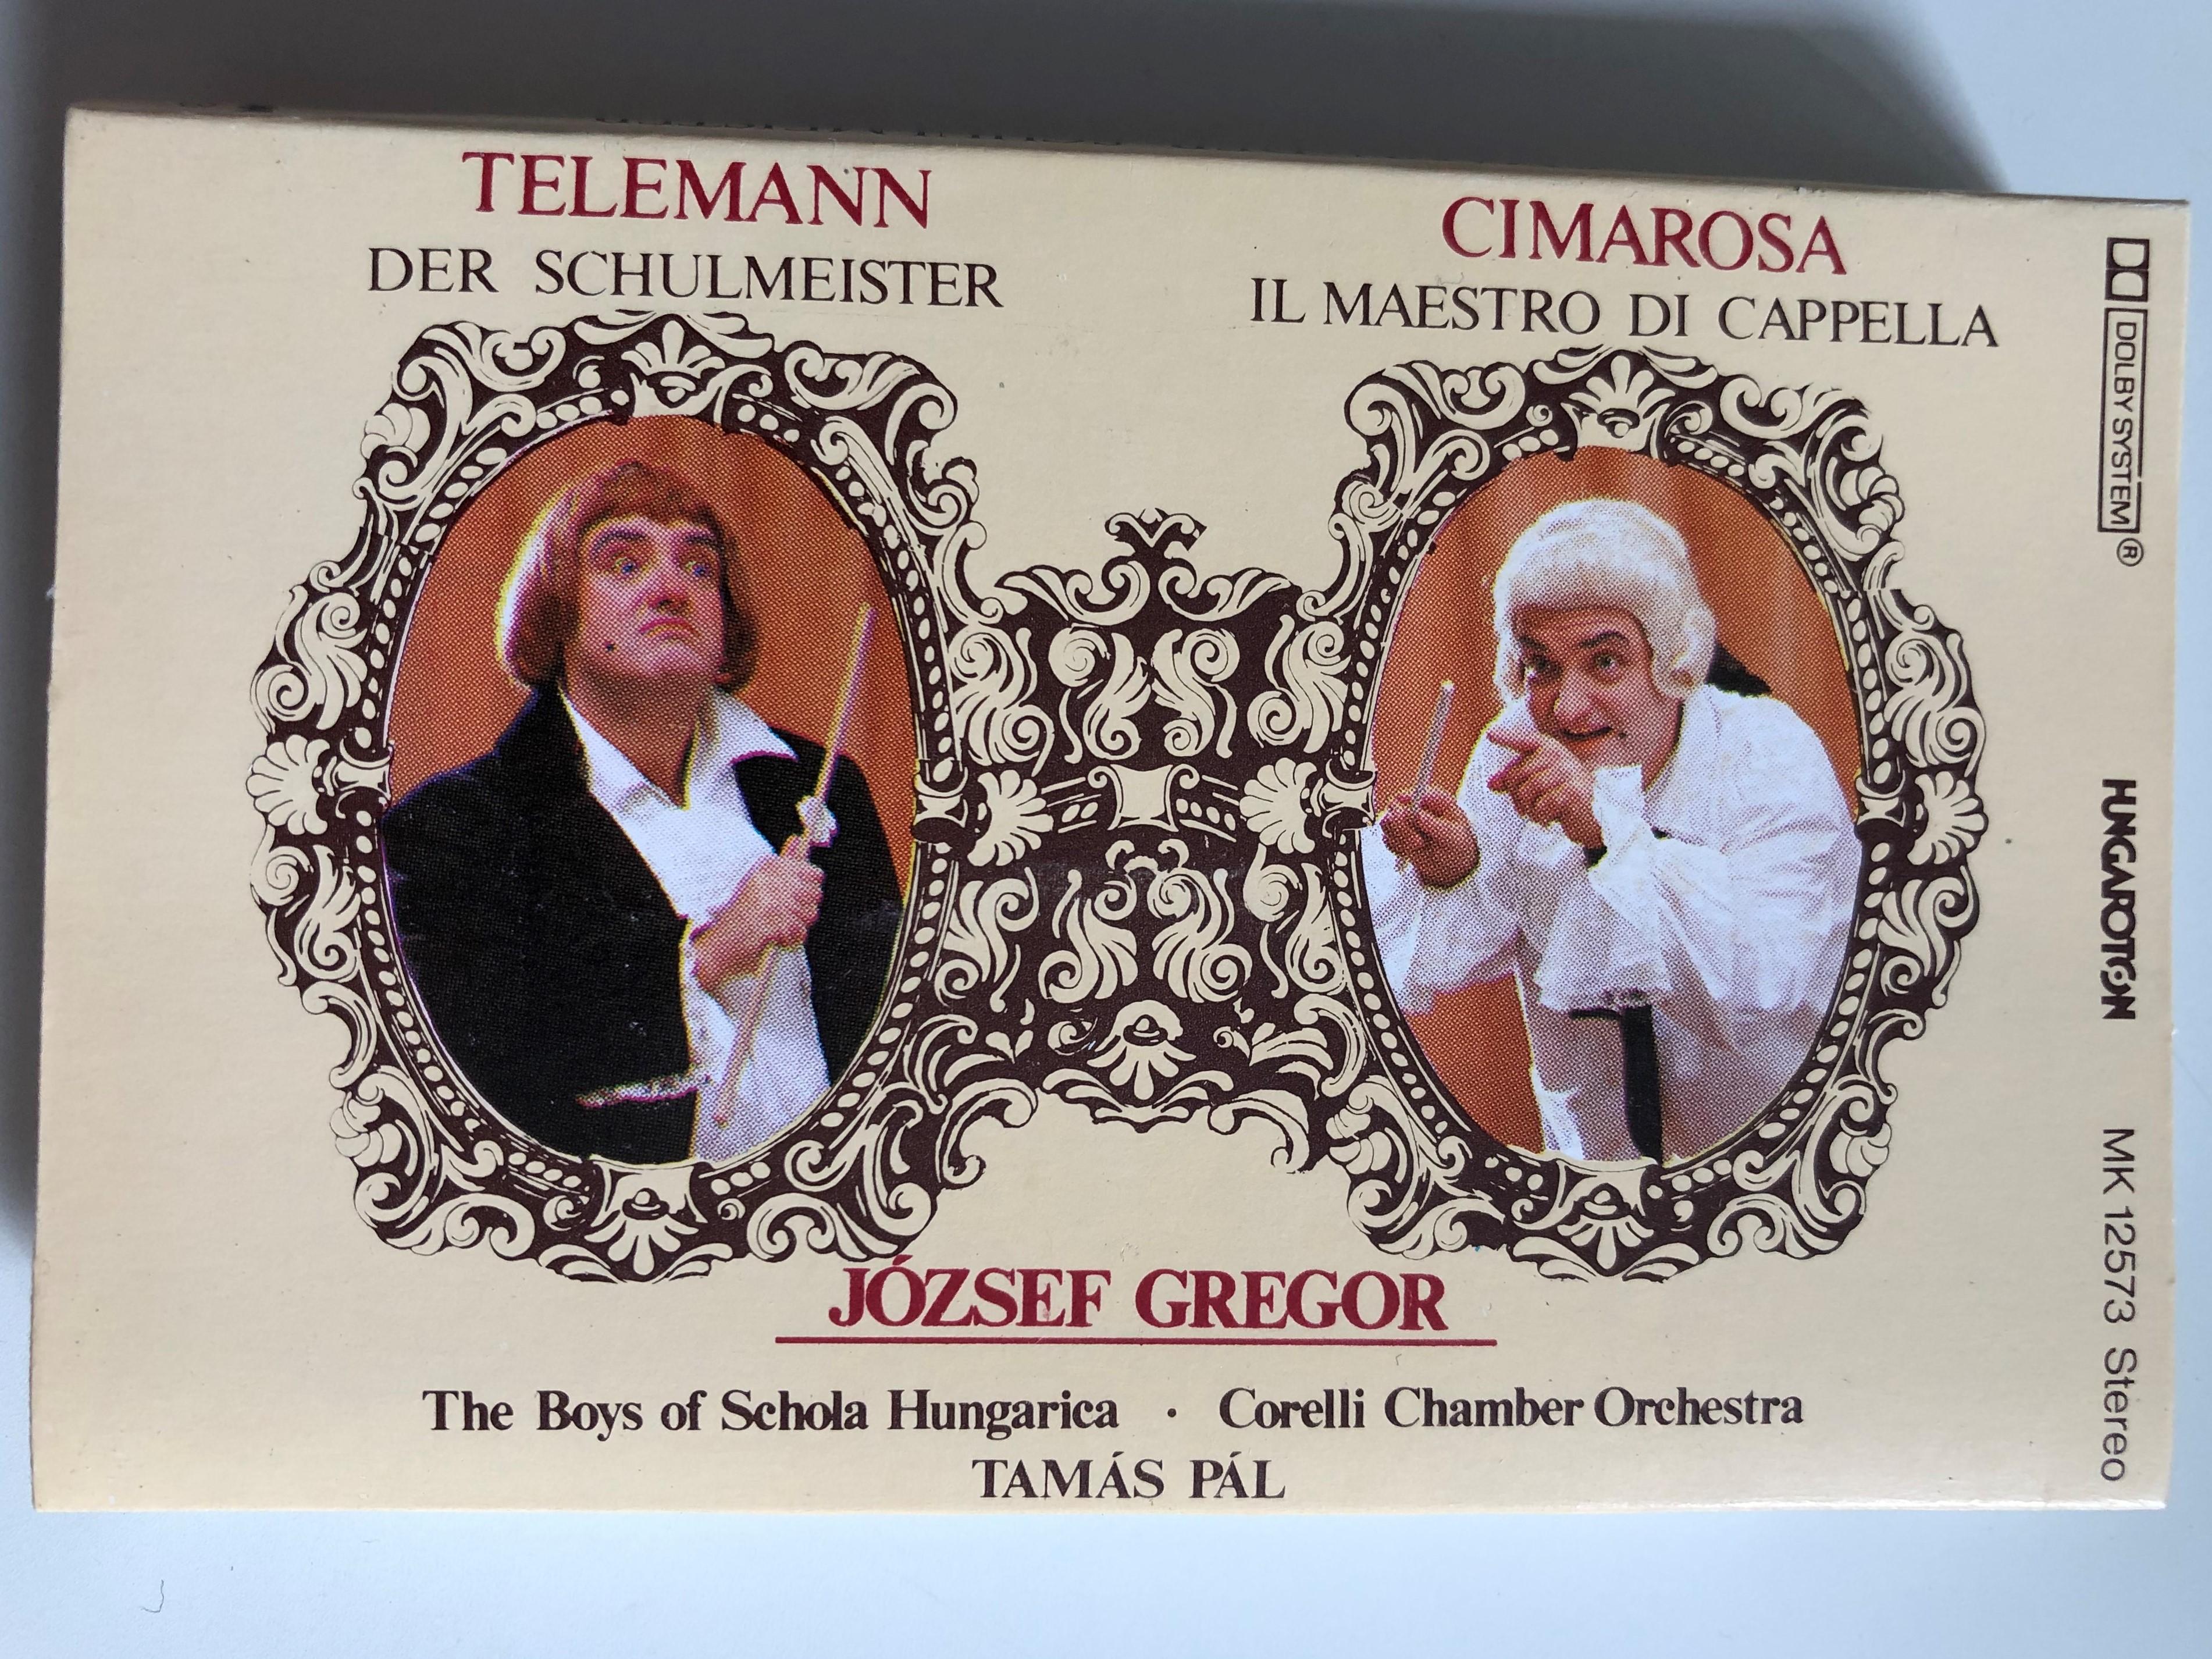 telemann-der-schulmeister-cimarosa-il-maestro-di-cappella-j-zsef-gregor-the-boys-of-schola-hungarica-corelli-chamber-orchestra-conducted-tam-s-p-l-hungaroton-cassette-stereo-mk-12573-1-.jpg